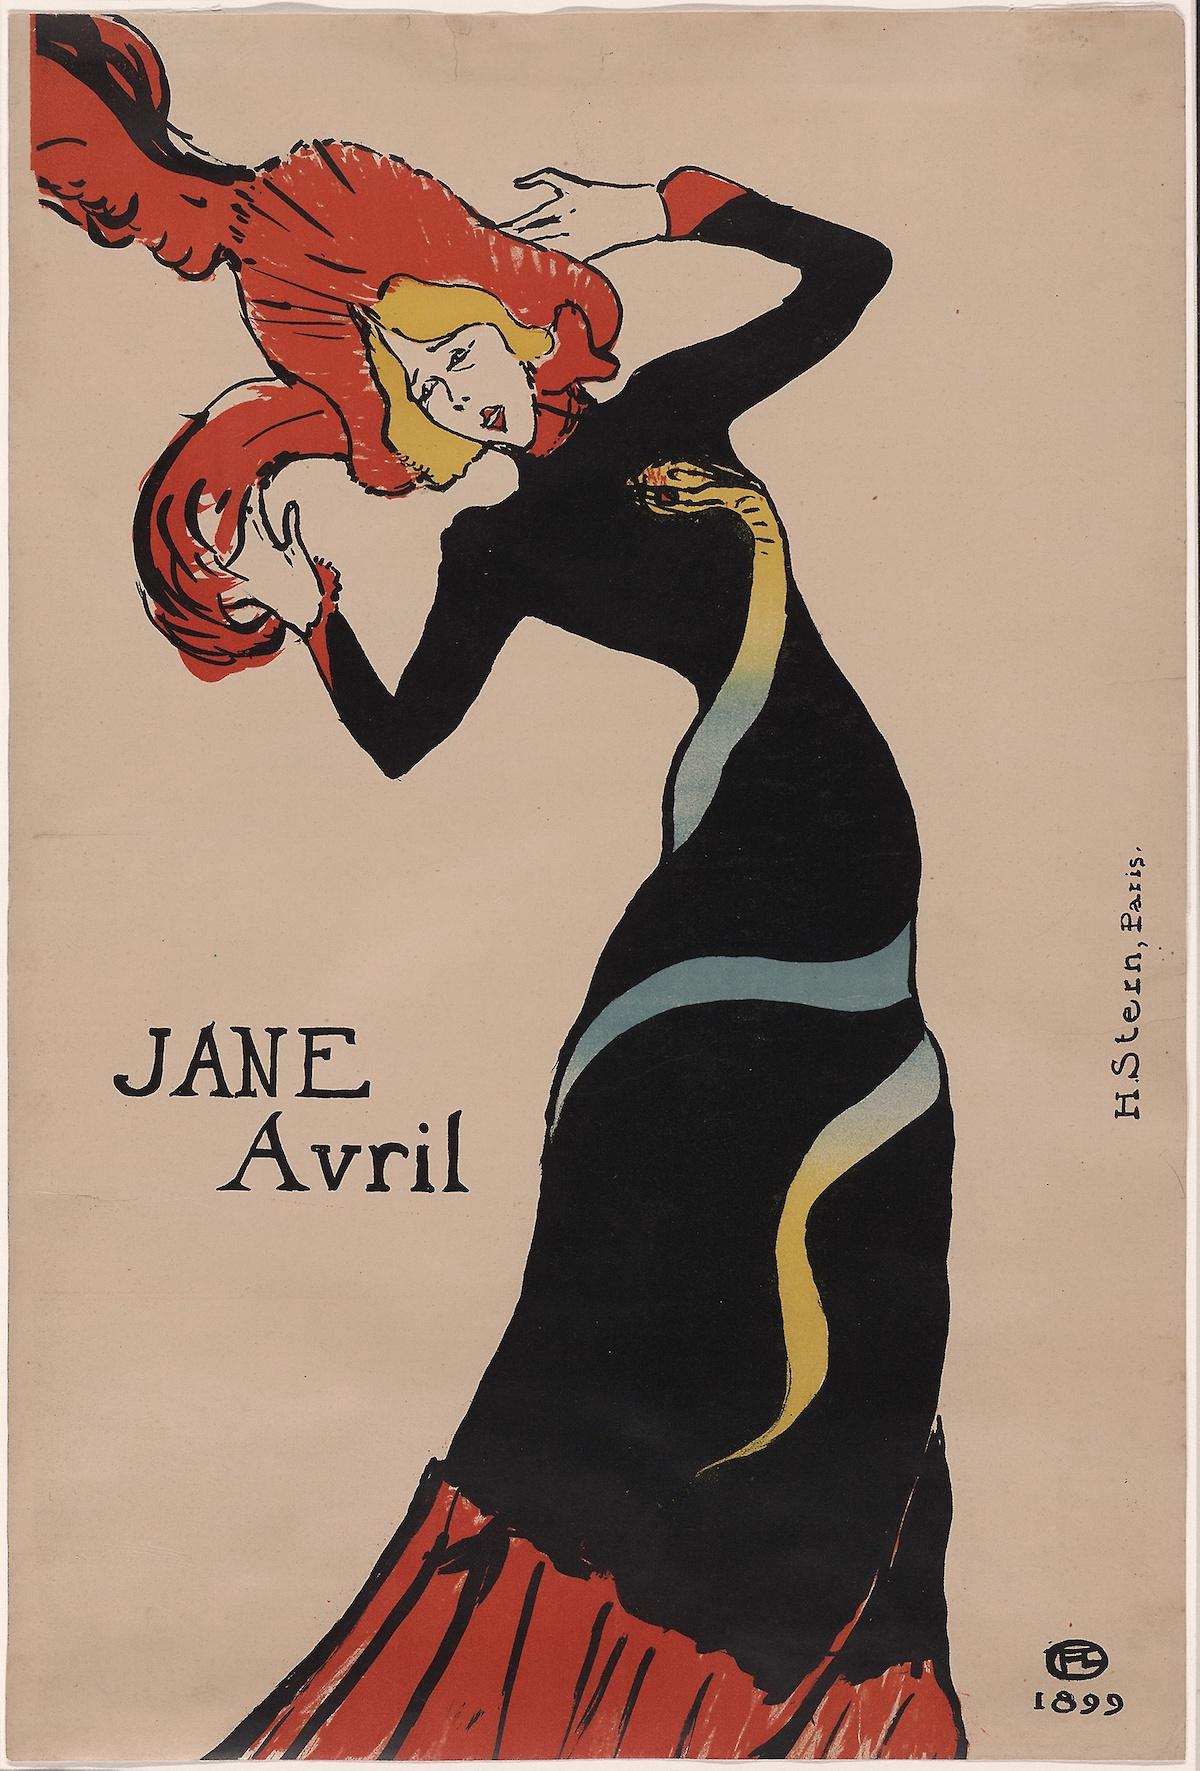 Henri de Toulouse-Lautrec, 'Jane Avril', 1899.